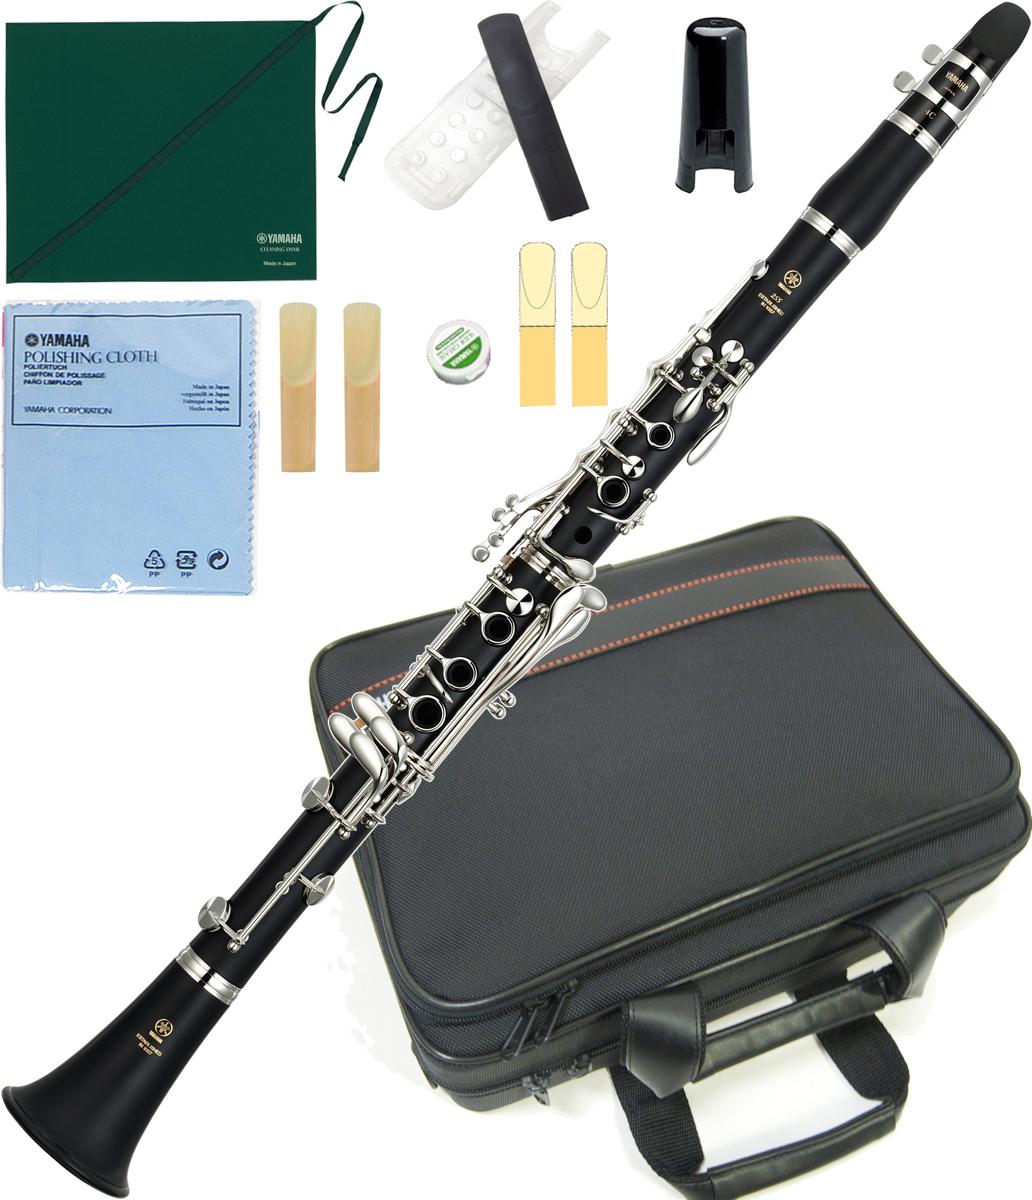 この価格在庫限り YAMAHA ( ヤマハ ) YCL-255 クラリネット 新品 ABS樹脂製 スタンダード B♭管 本体 初心者 管楽器 管体 プラスチック製 楽器 【 YCL255 セット C】 送料無料